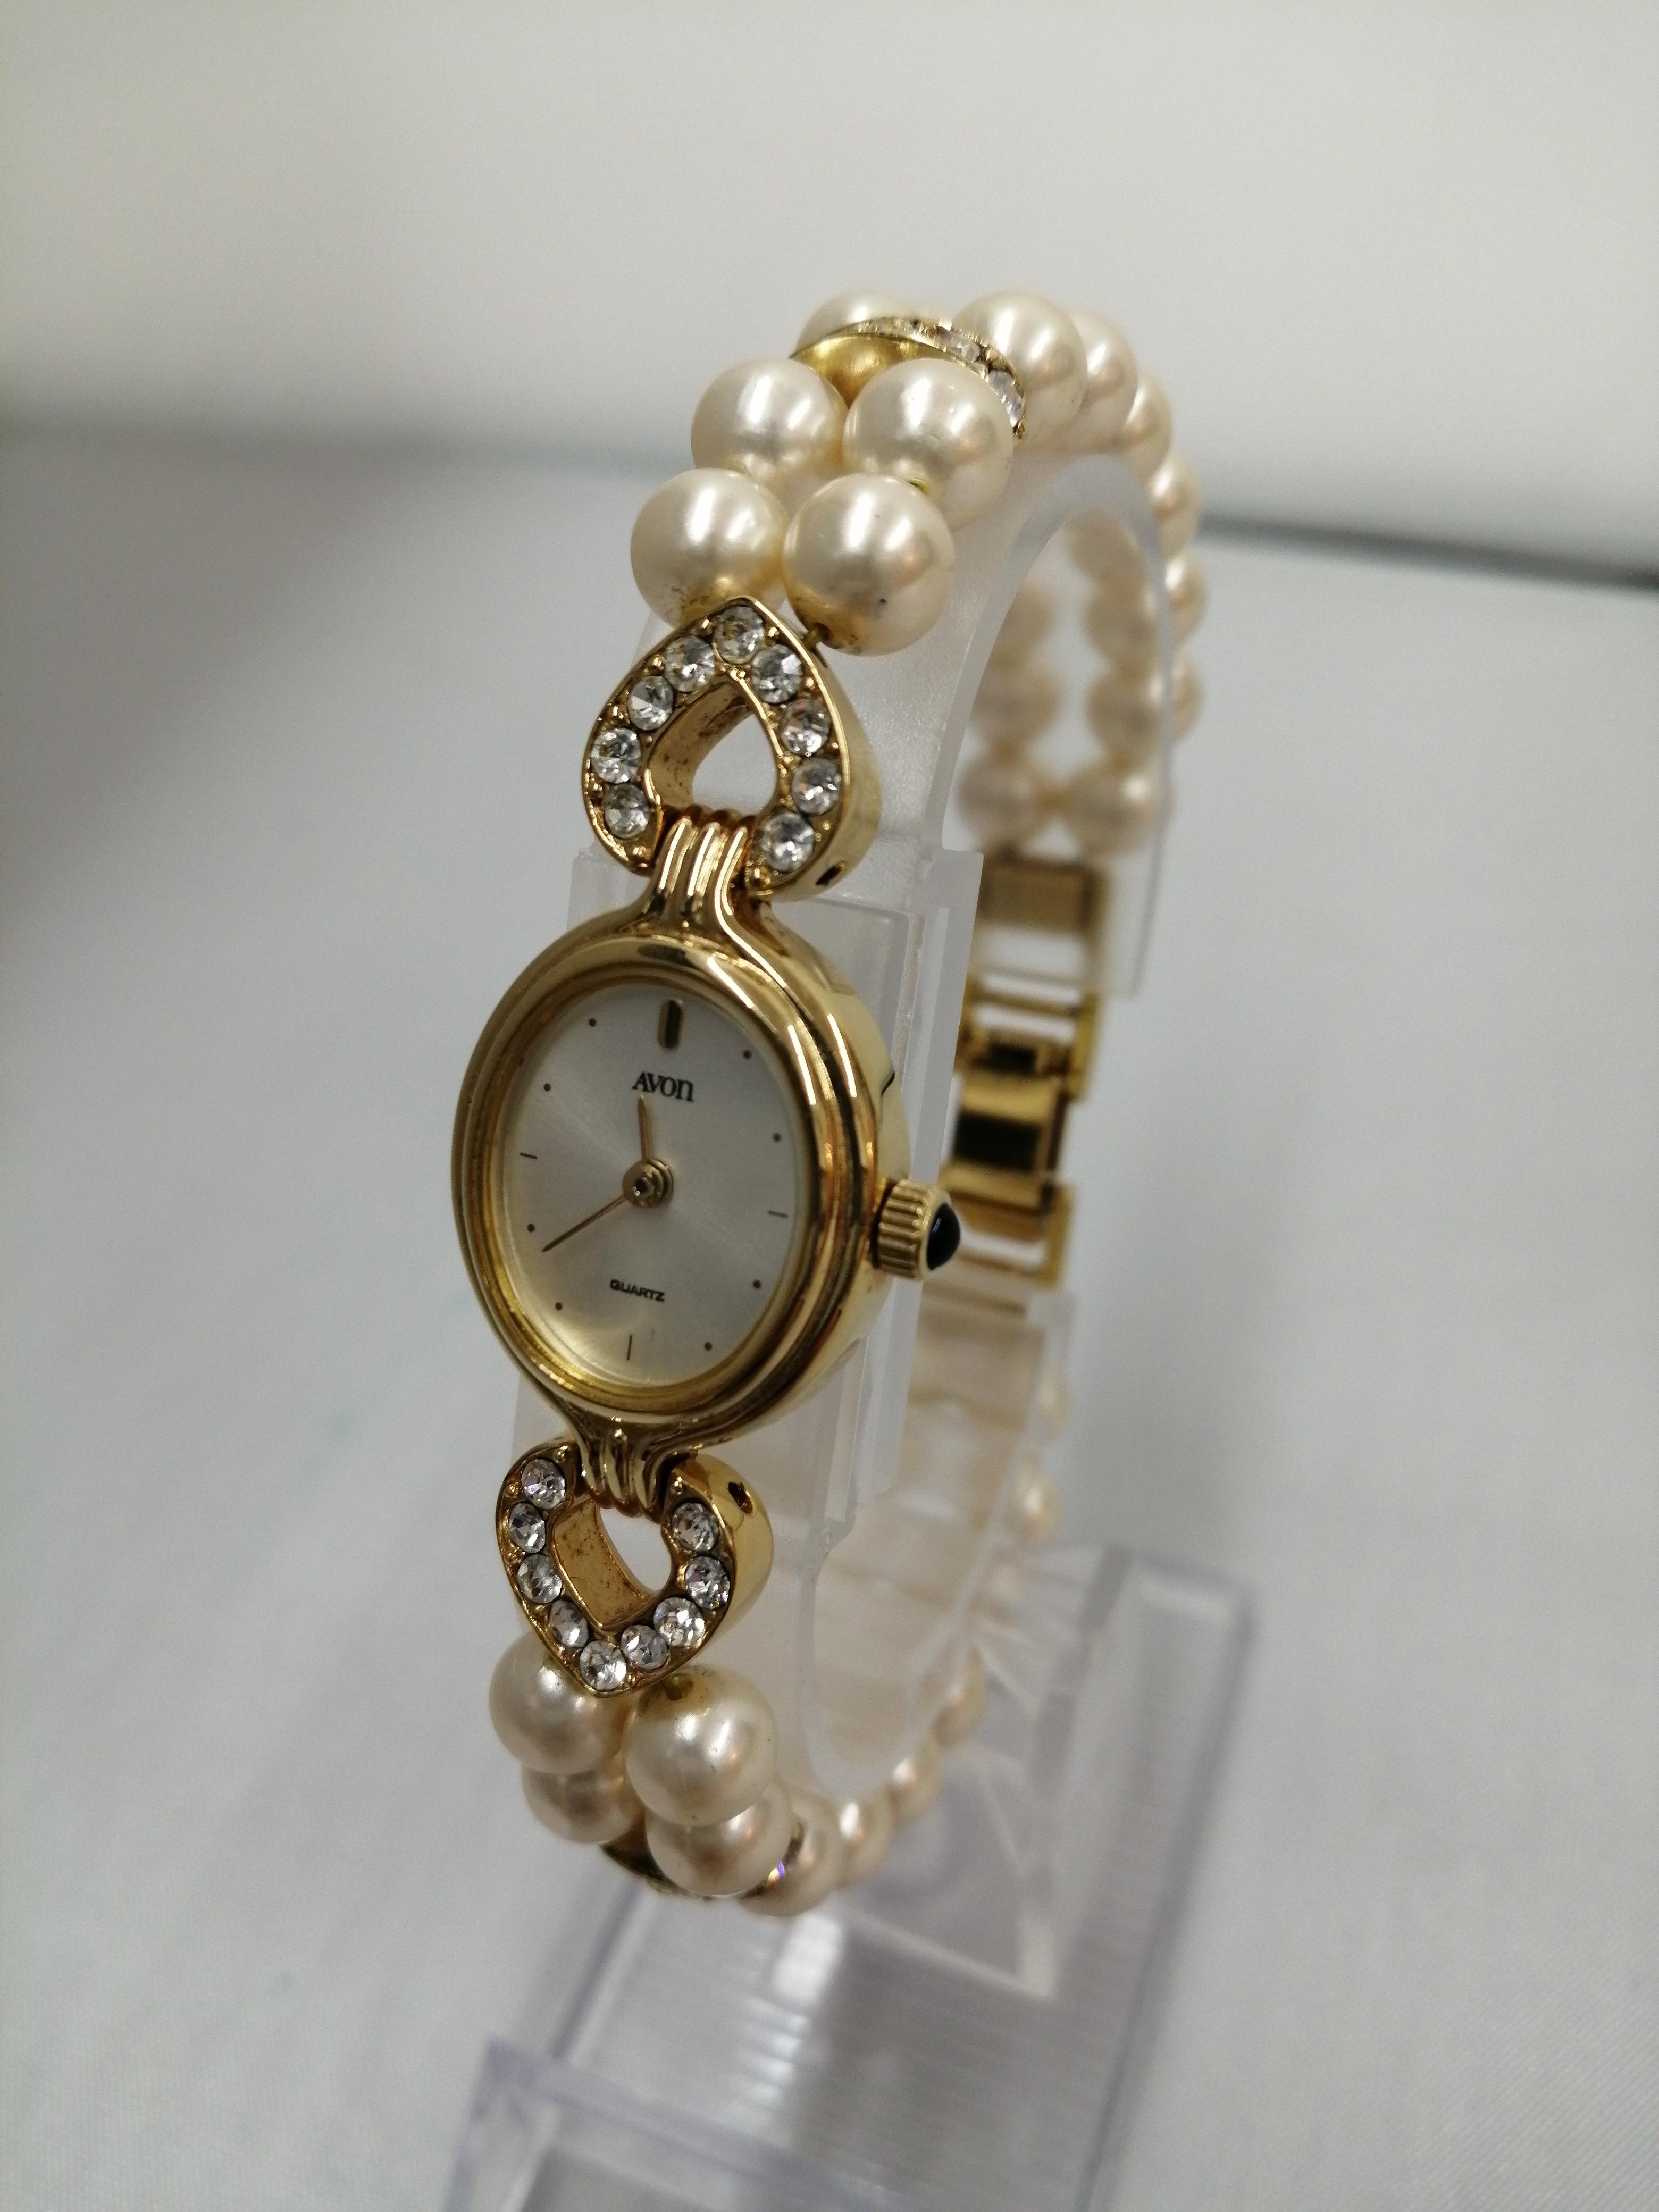 クオーツ腕時計|AVON